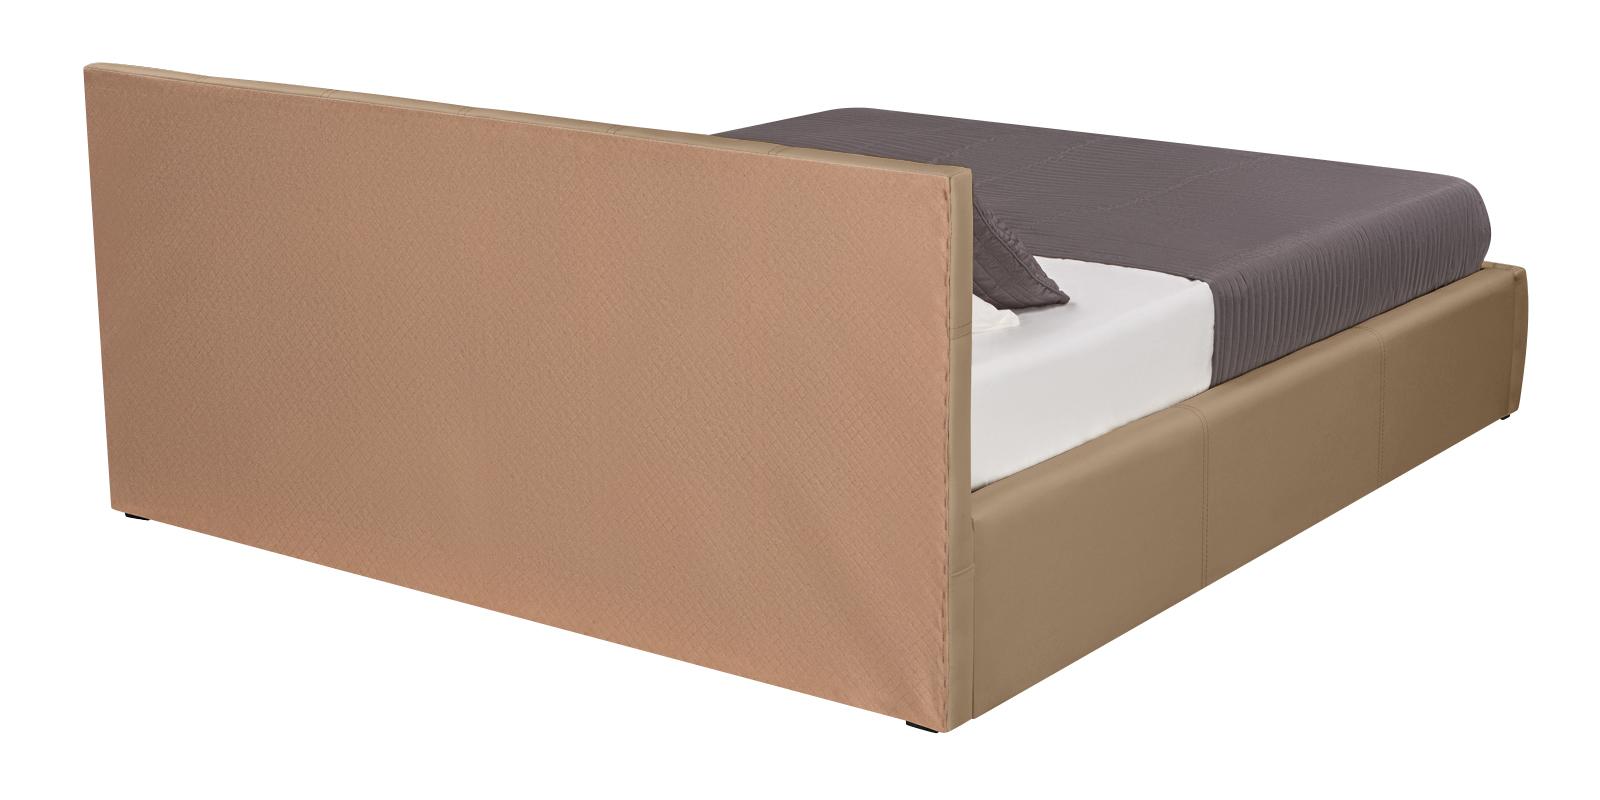 Мягкая кровать 200х160 Афина с подъемным механизмом (Luxe темно-бежевый)